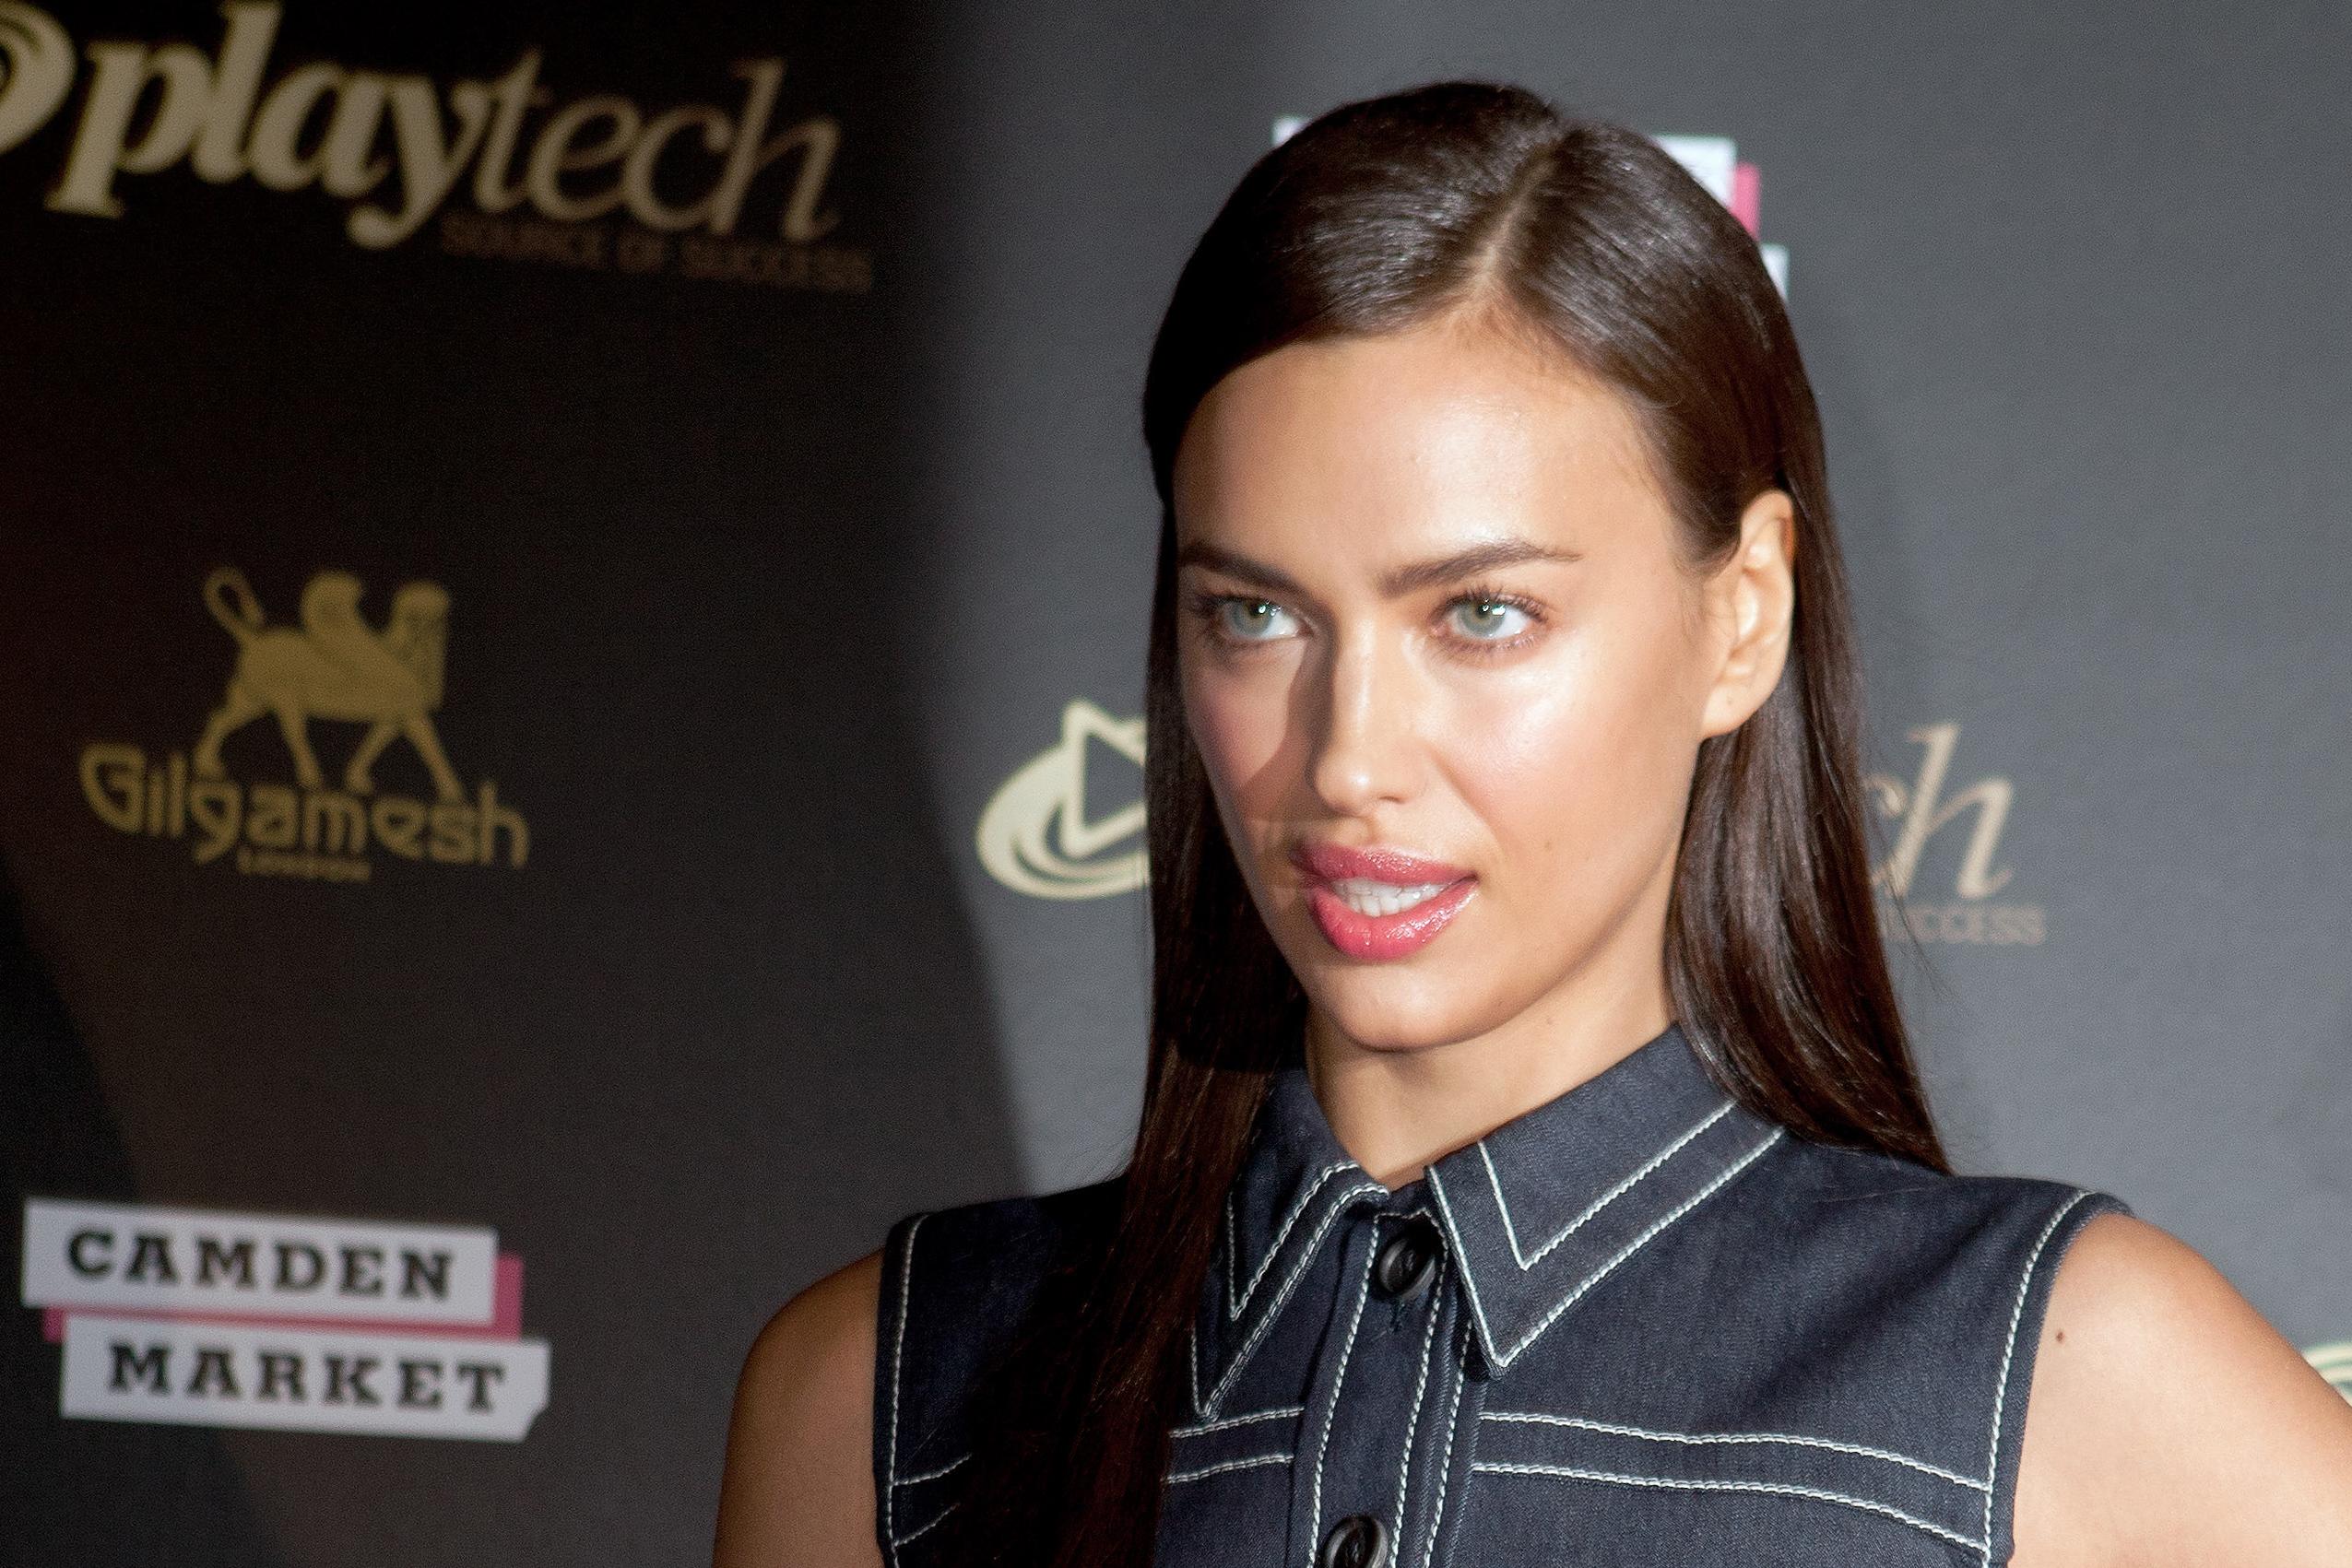 Ирина Шейк впервые вышла в свет после расставания с Роналду